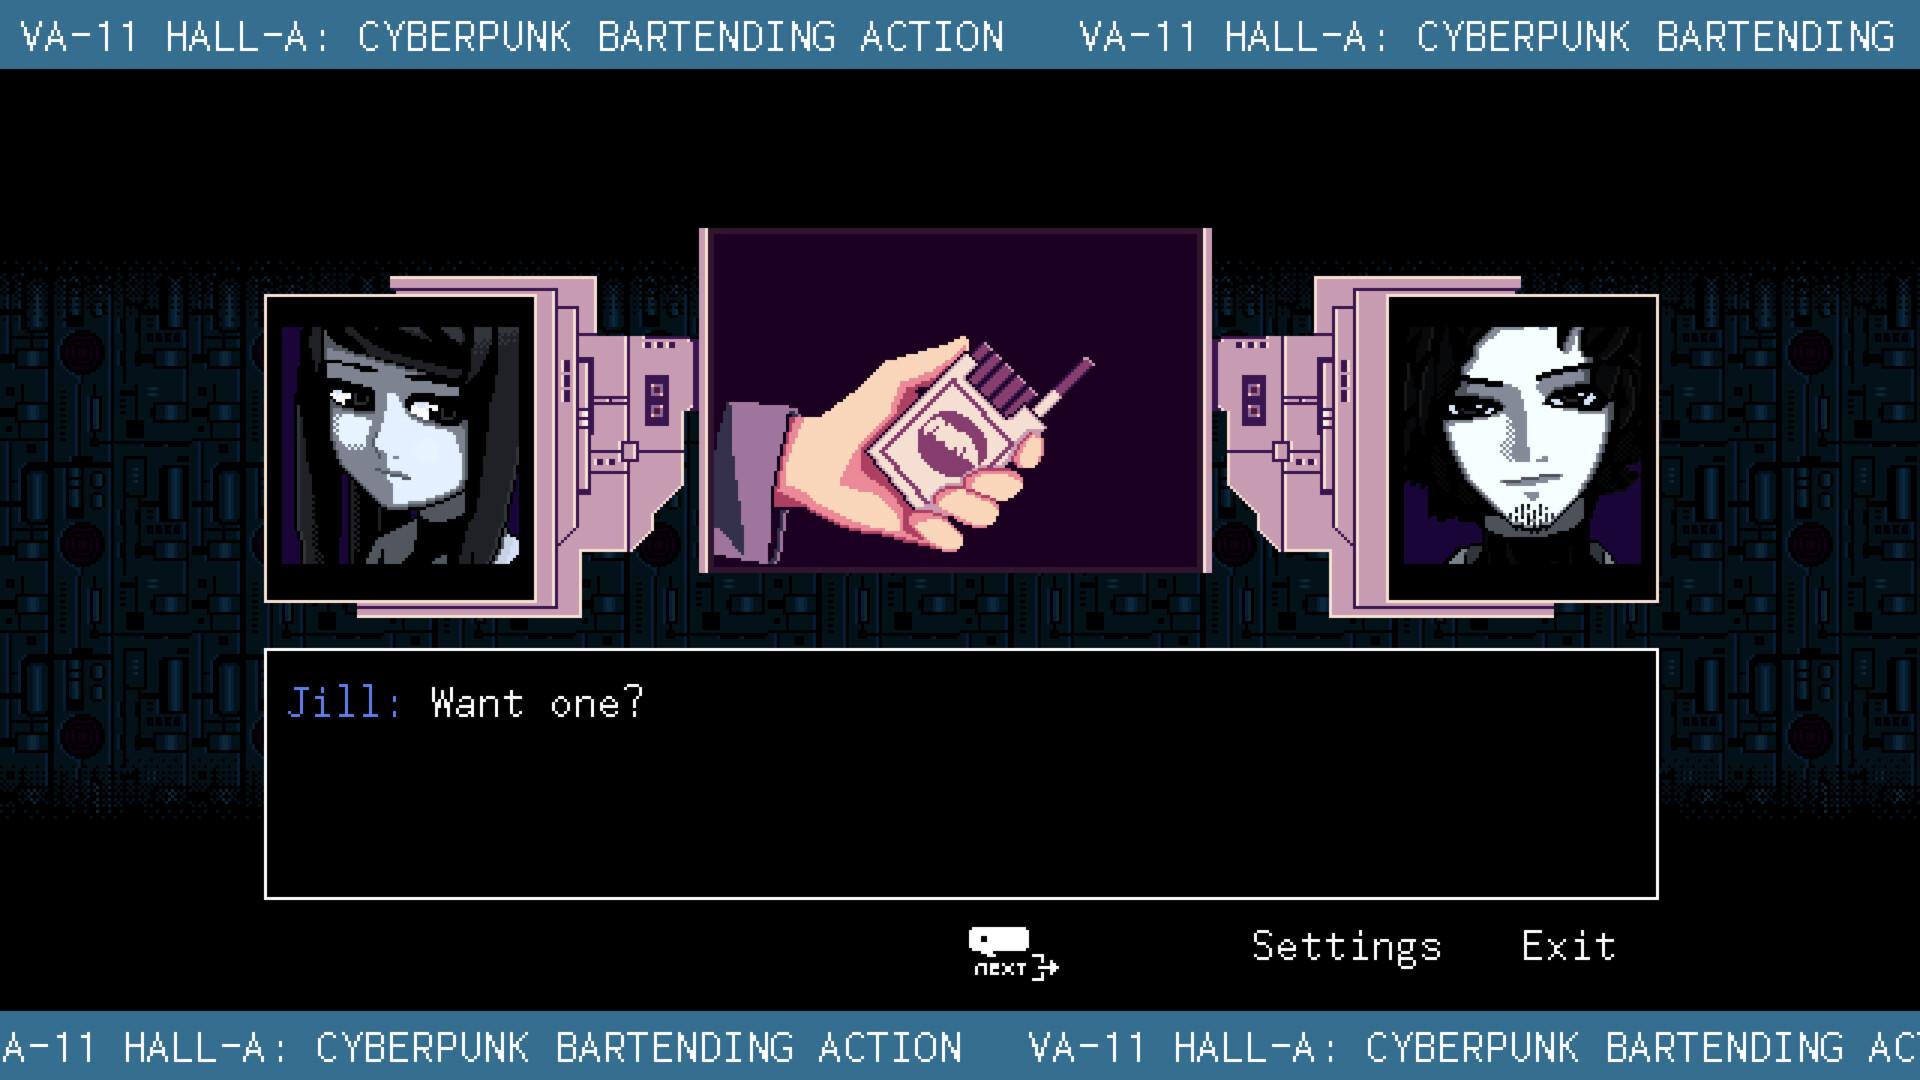 Break screenshot of VA-11 Hall-A: Cyberpunk Bartender Action video game interface.